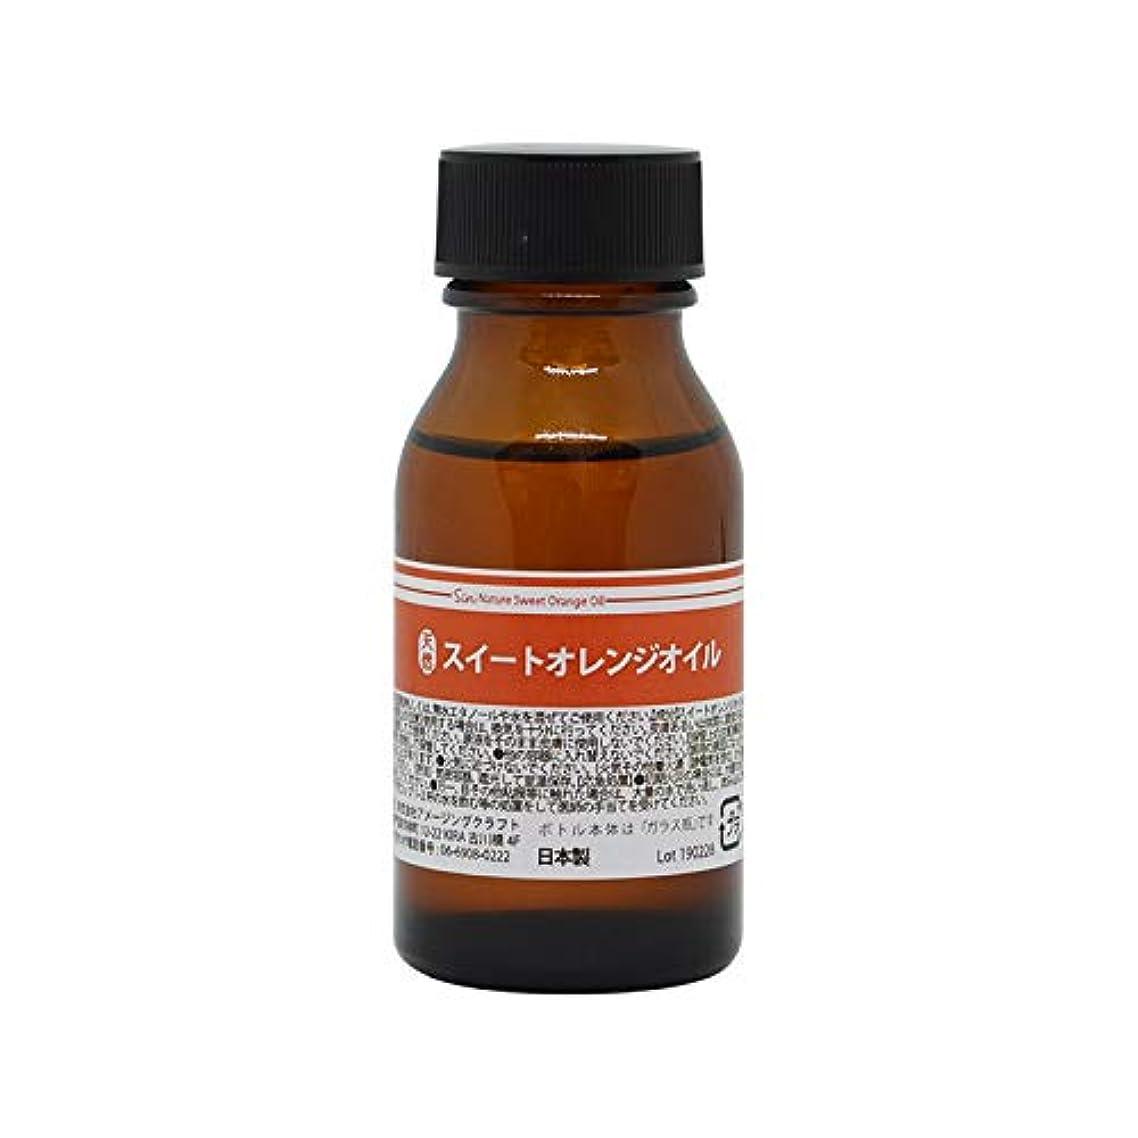 負呼び起こす第天然100% スイートオレンジオイル 50ml (オレンジスイート) エッセンシャルオイル